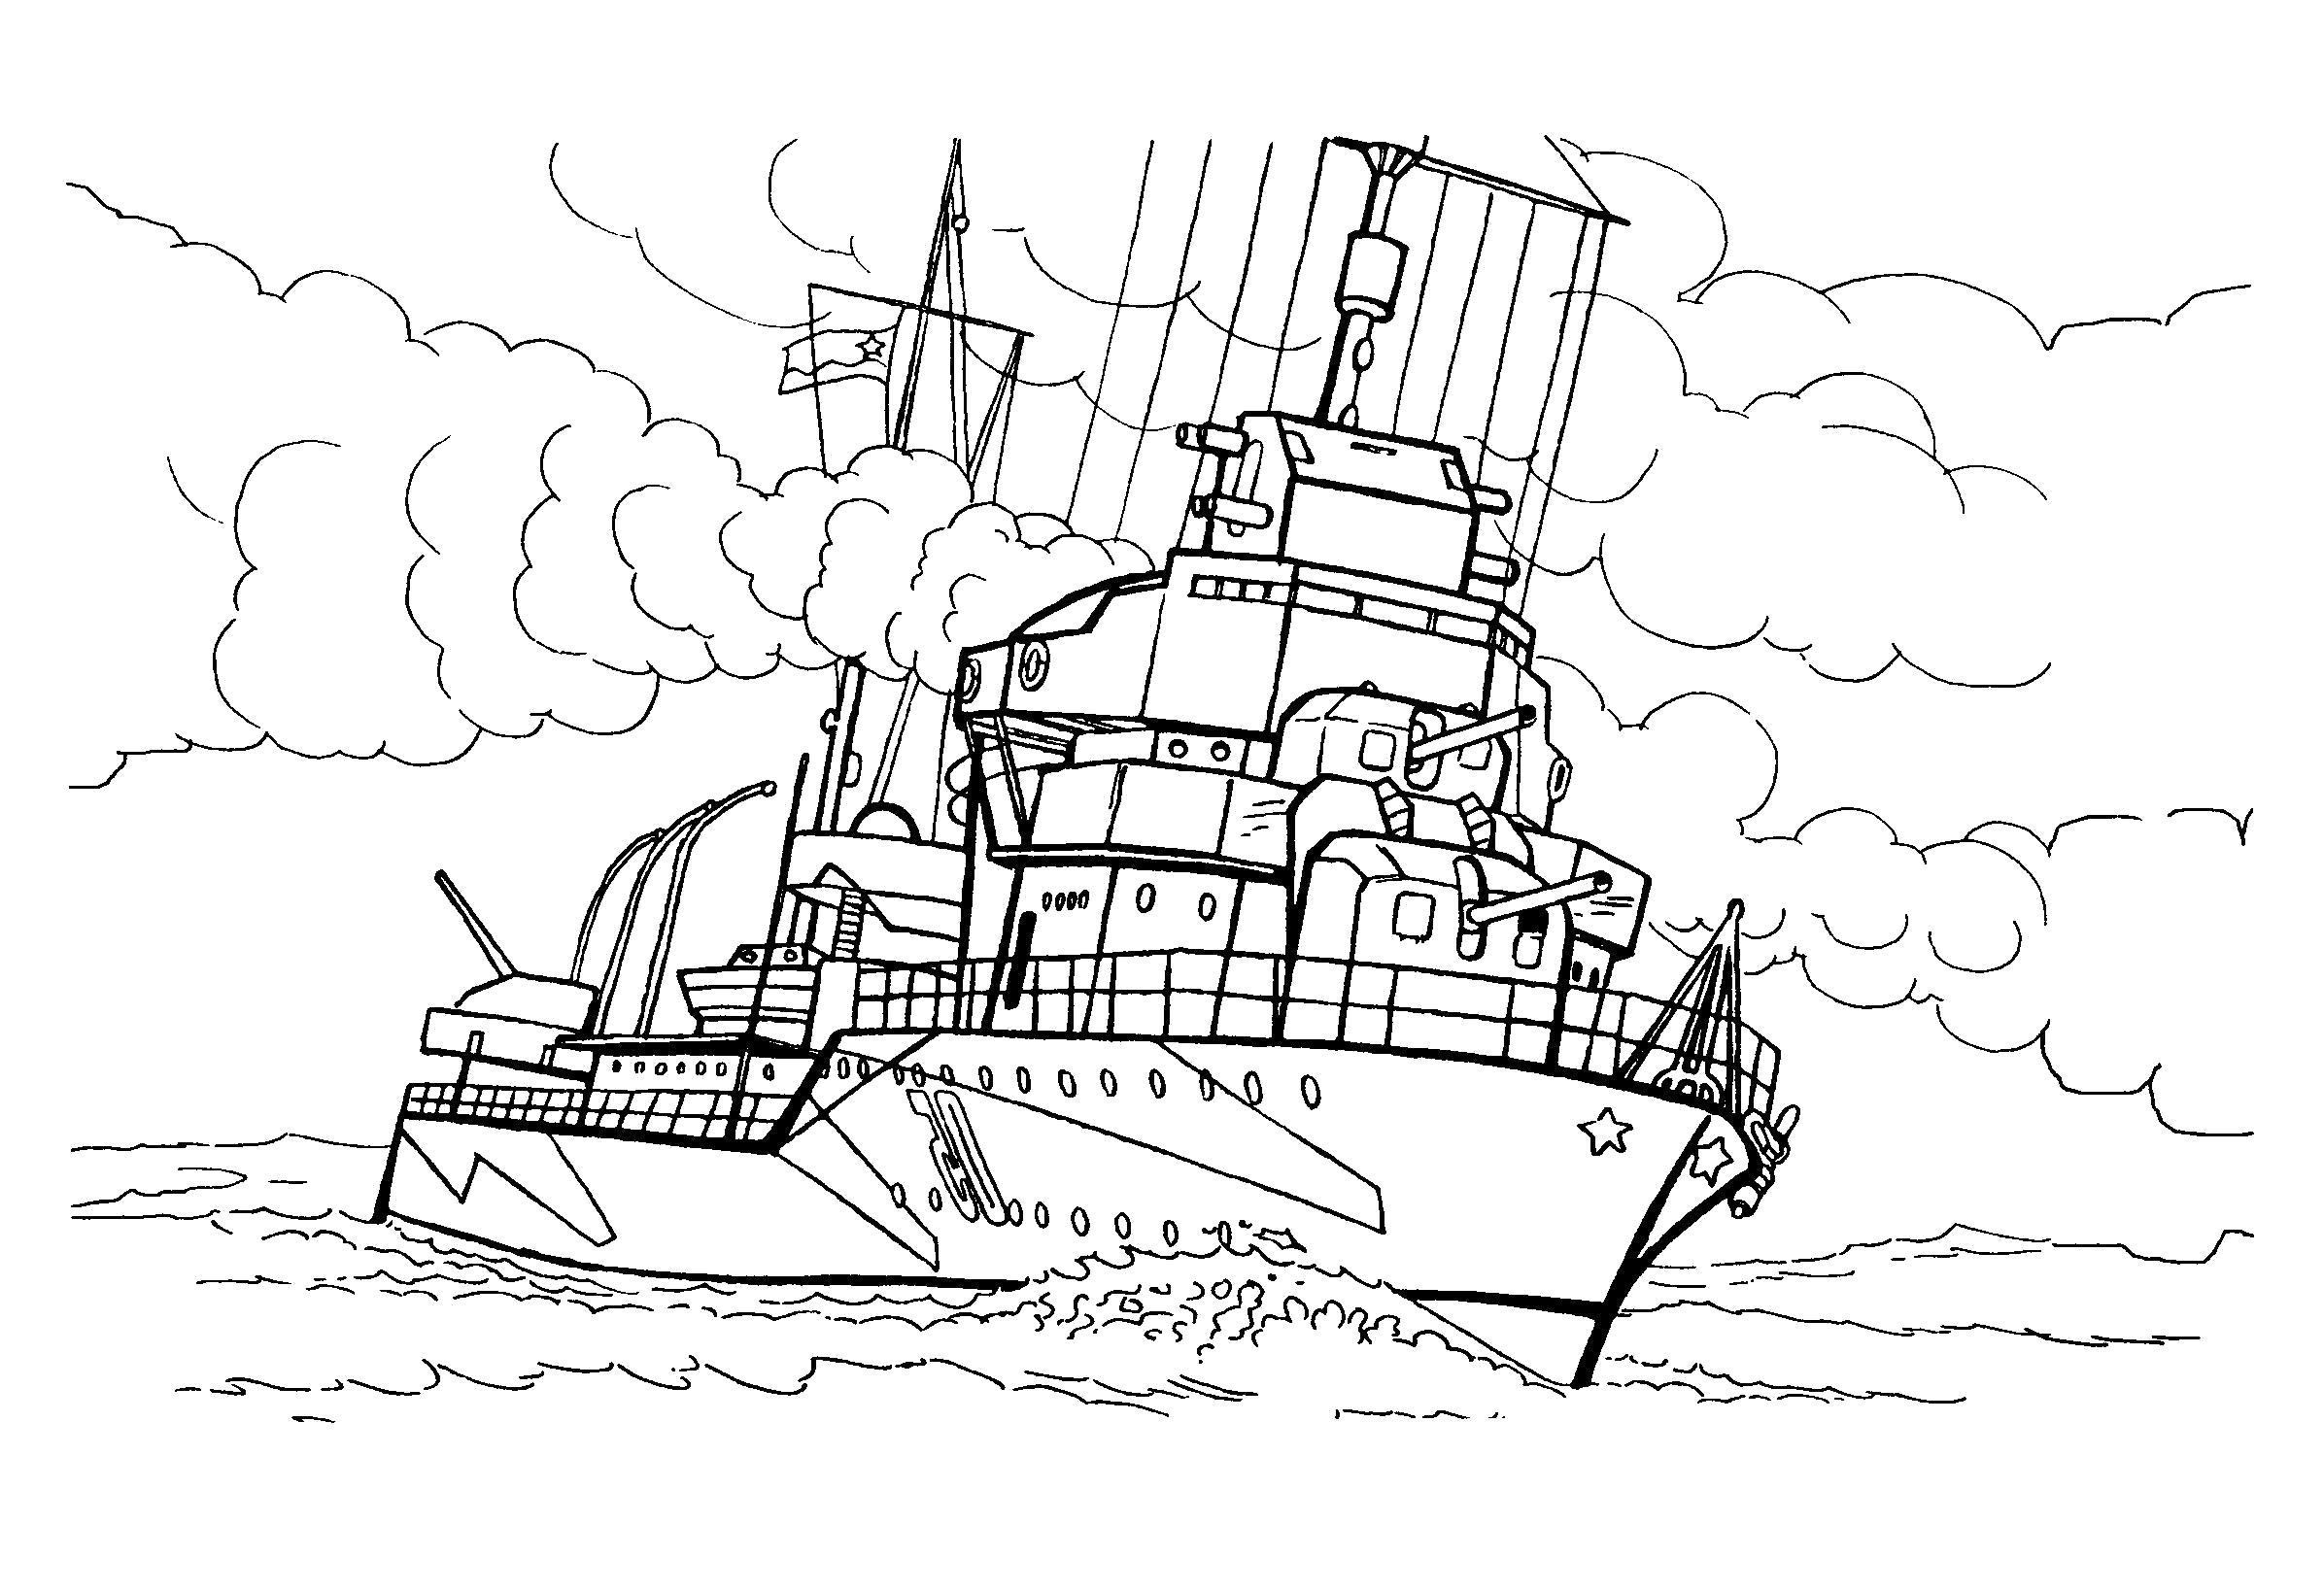 Раскраска  корабель. Скачать корабль.  Распечатать корабль